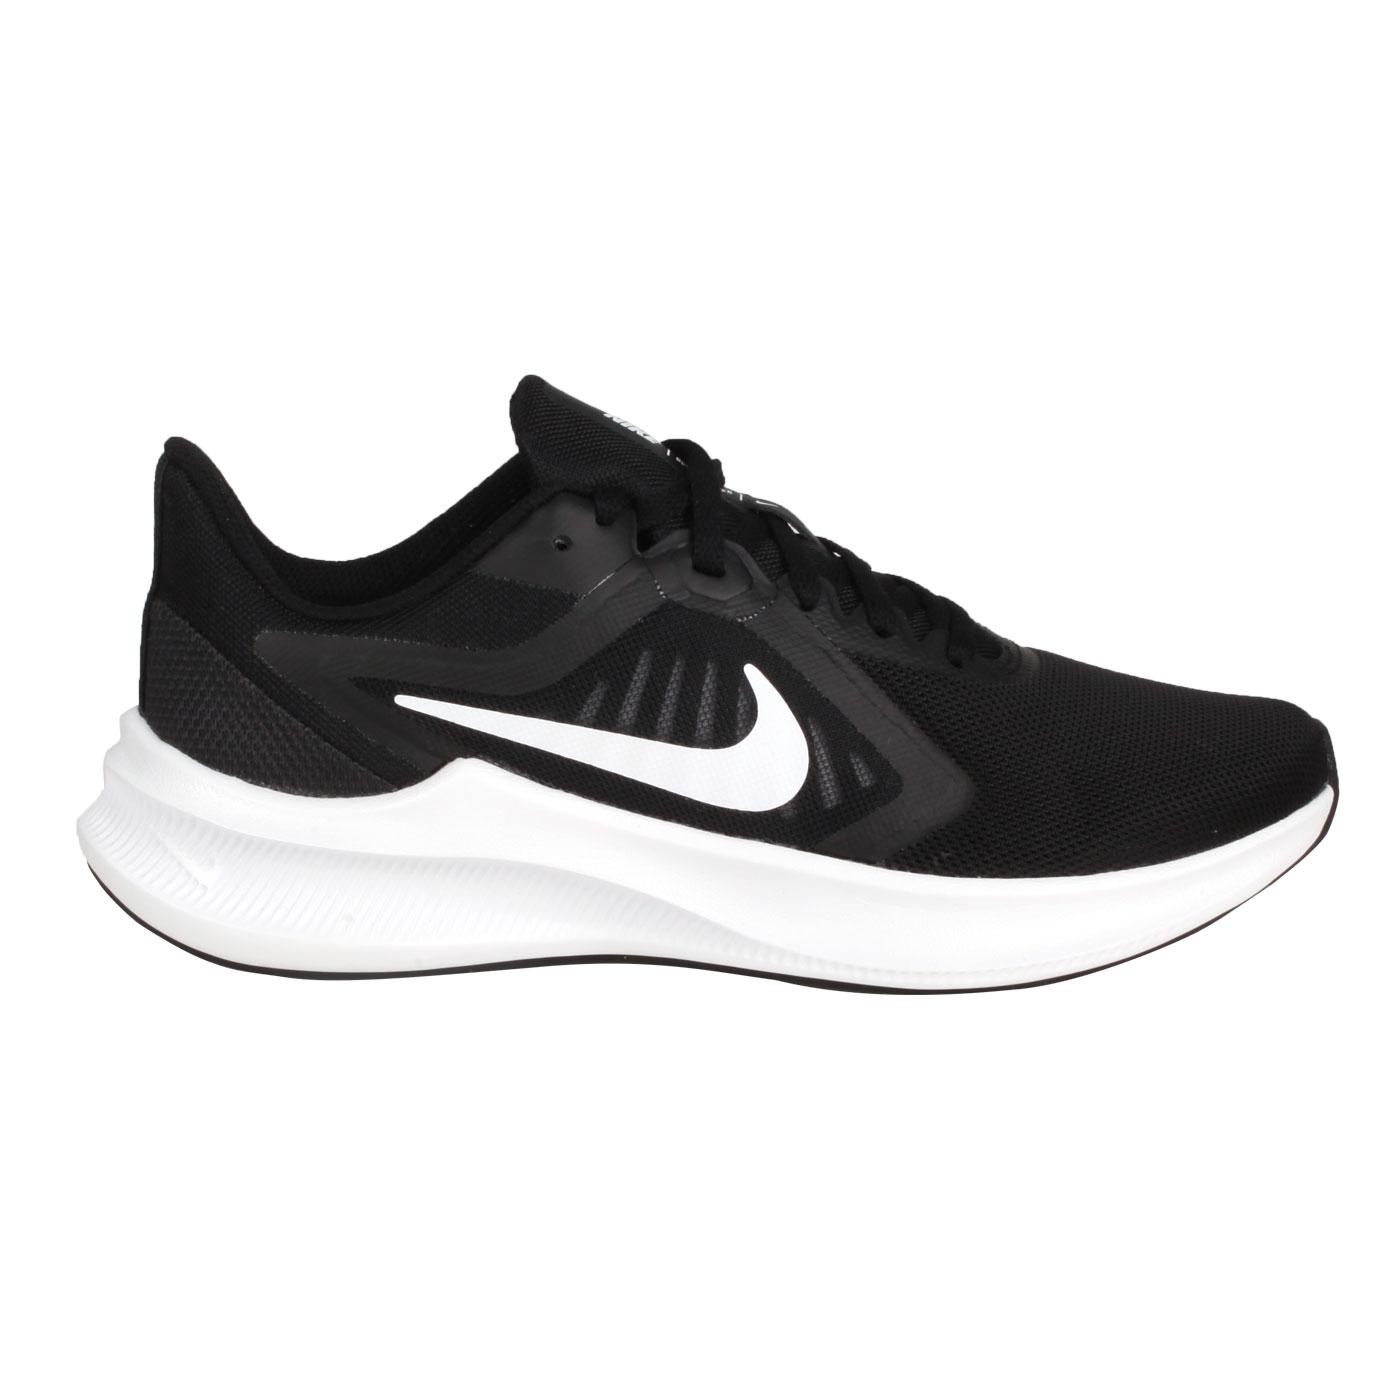 NIKE 女款慢跑鞋  @WMNS DOWNSHIFTER 10@CI9984001 - 黑白